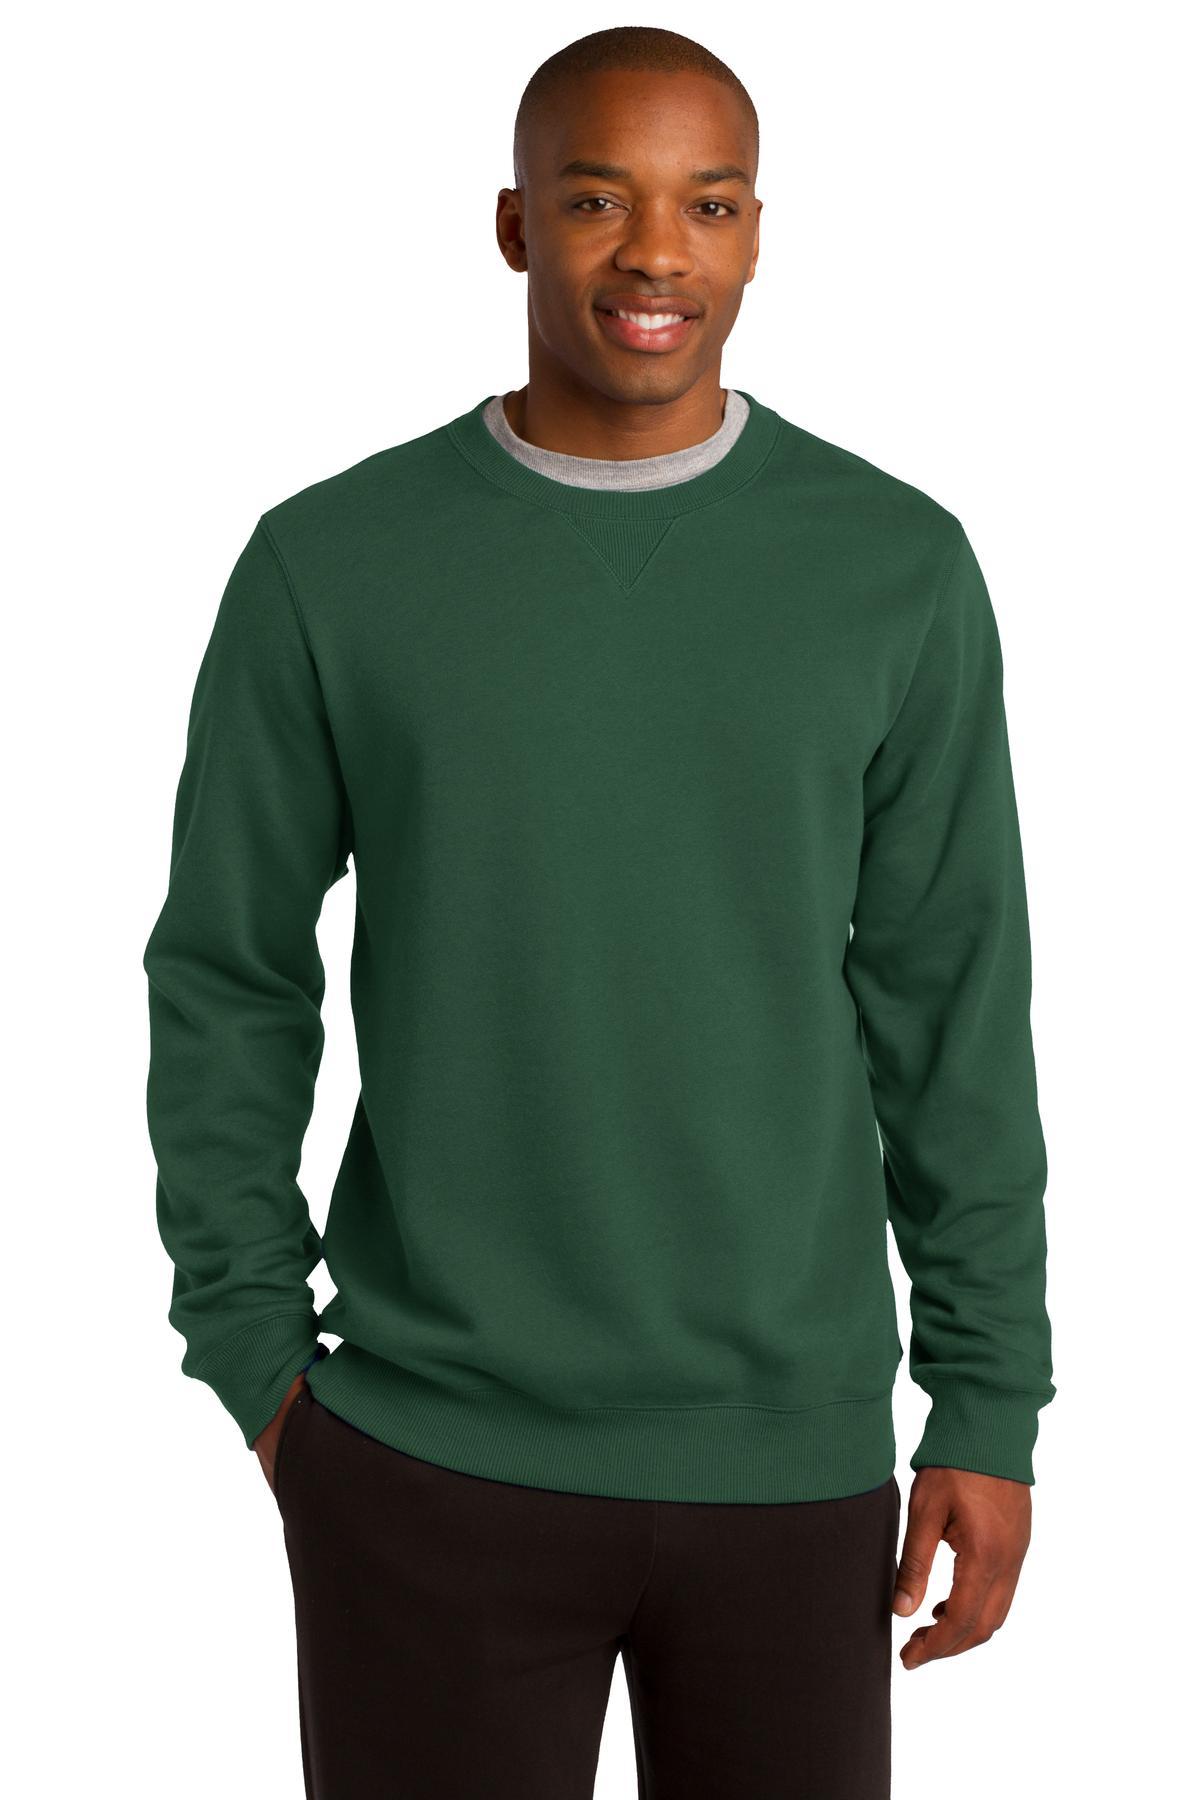 Sweatshirts-Fleece-Crew-Necks-22